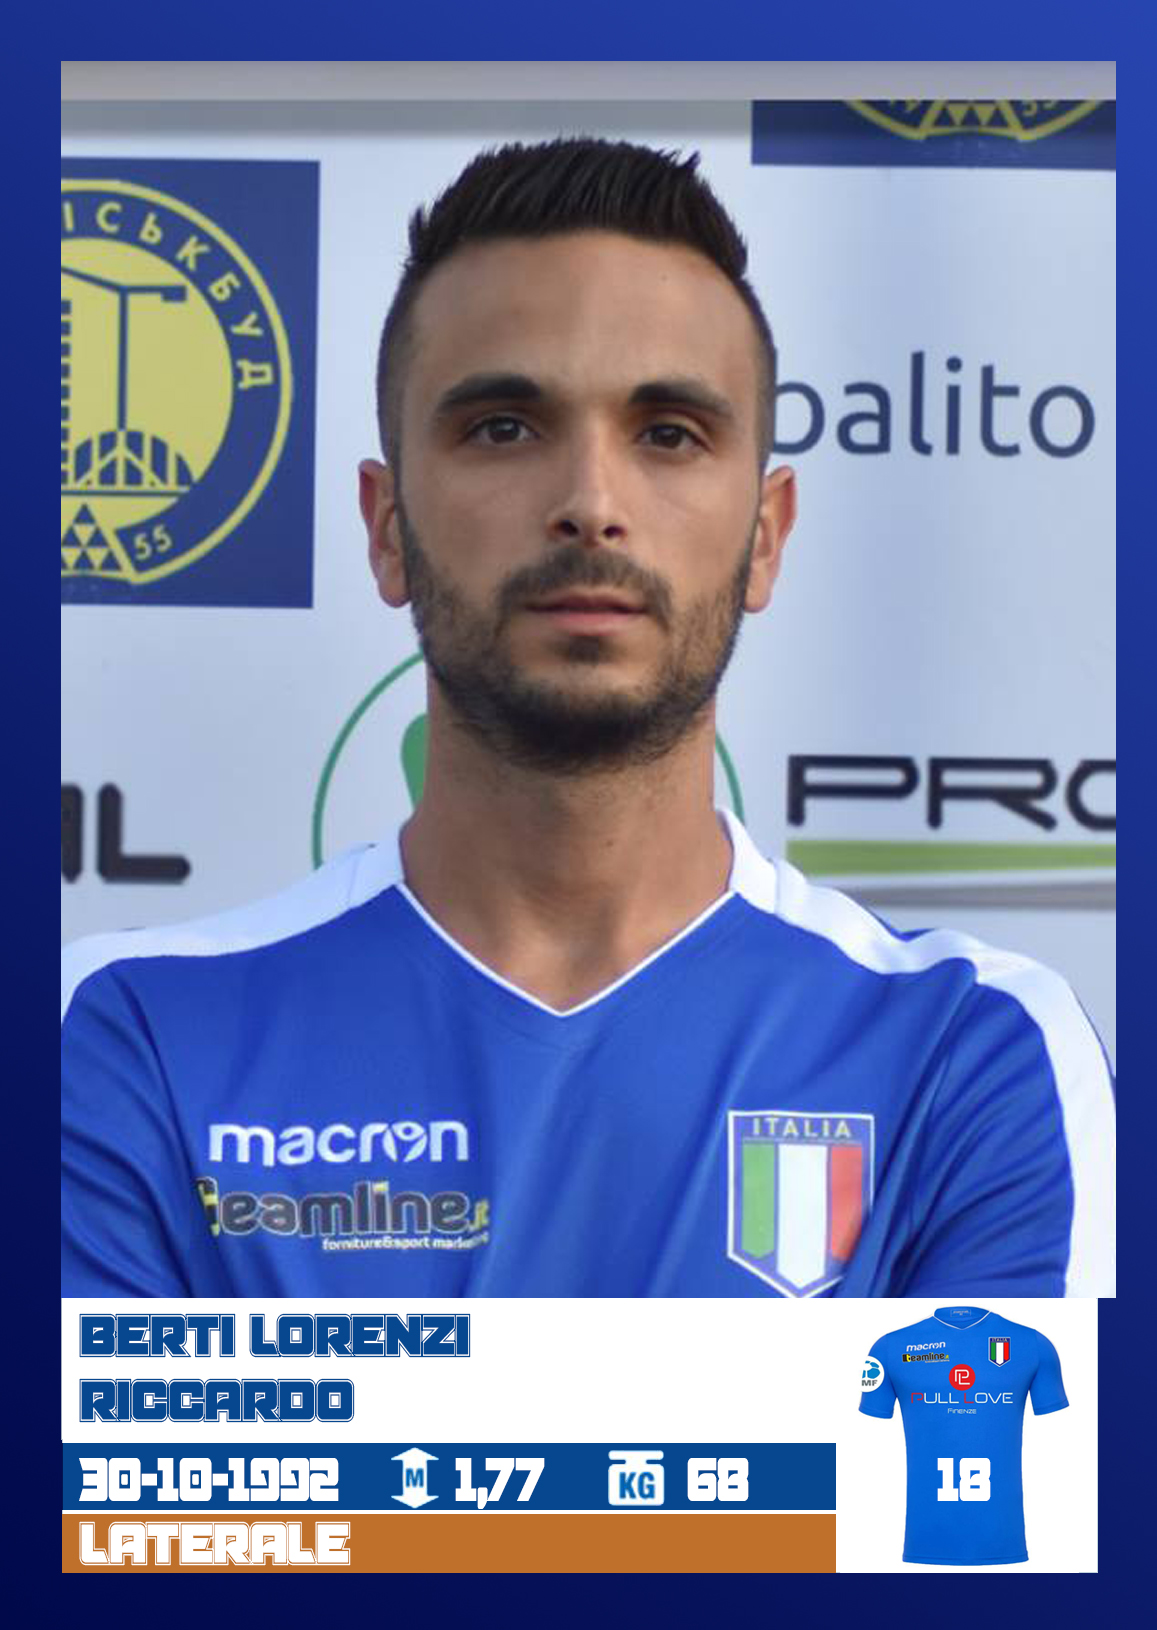 Riccardo Berti Lorenzi